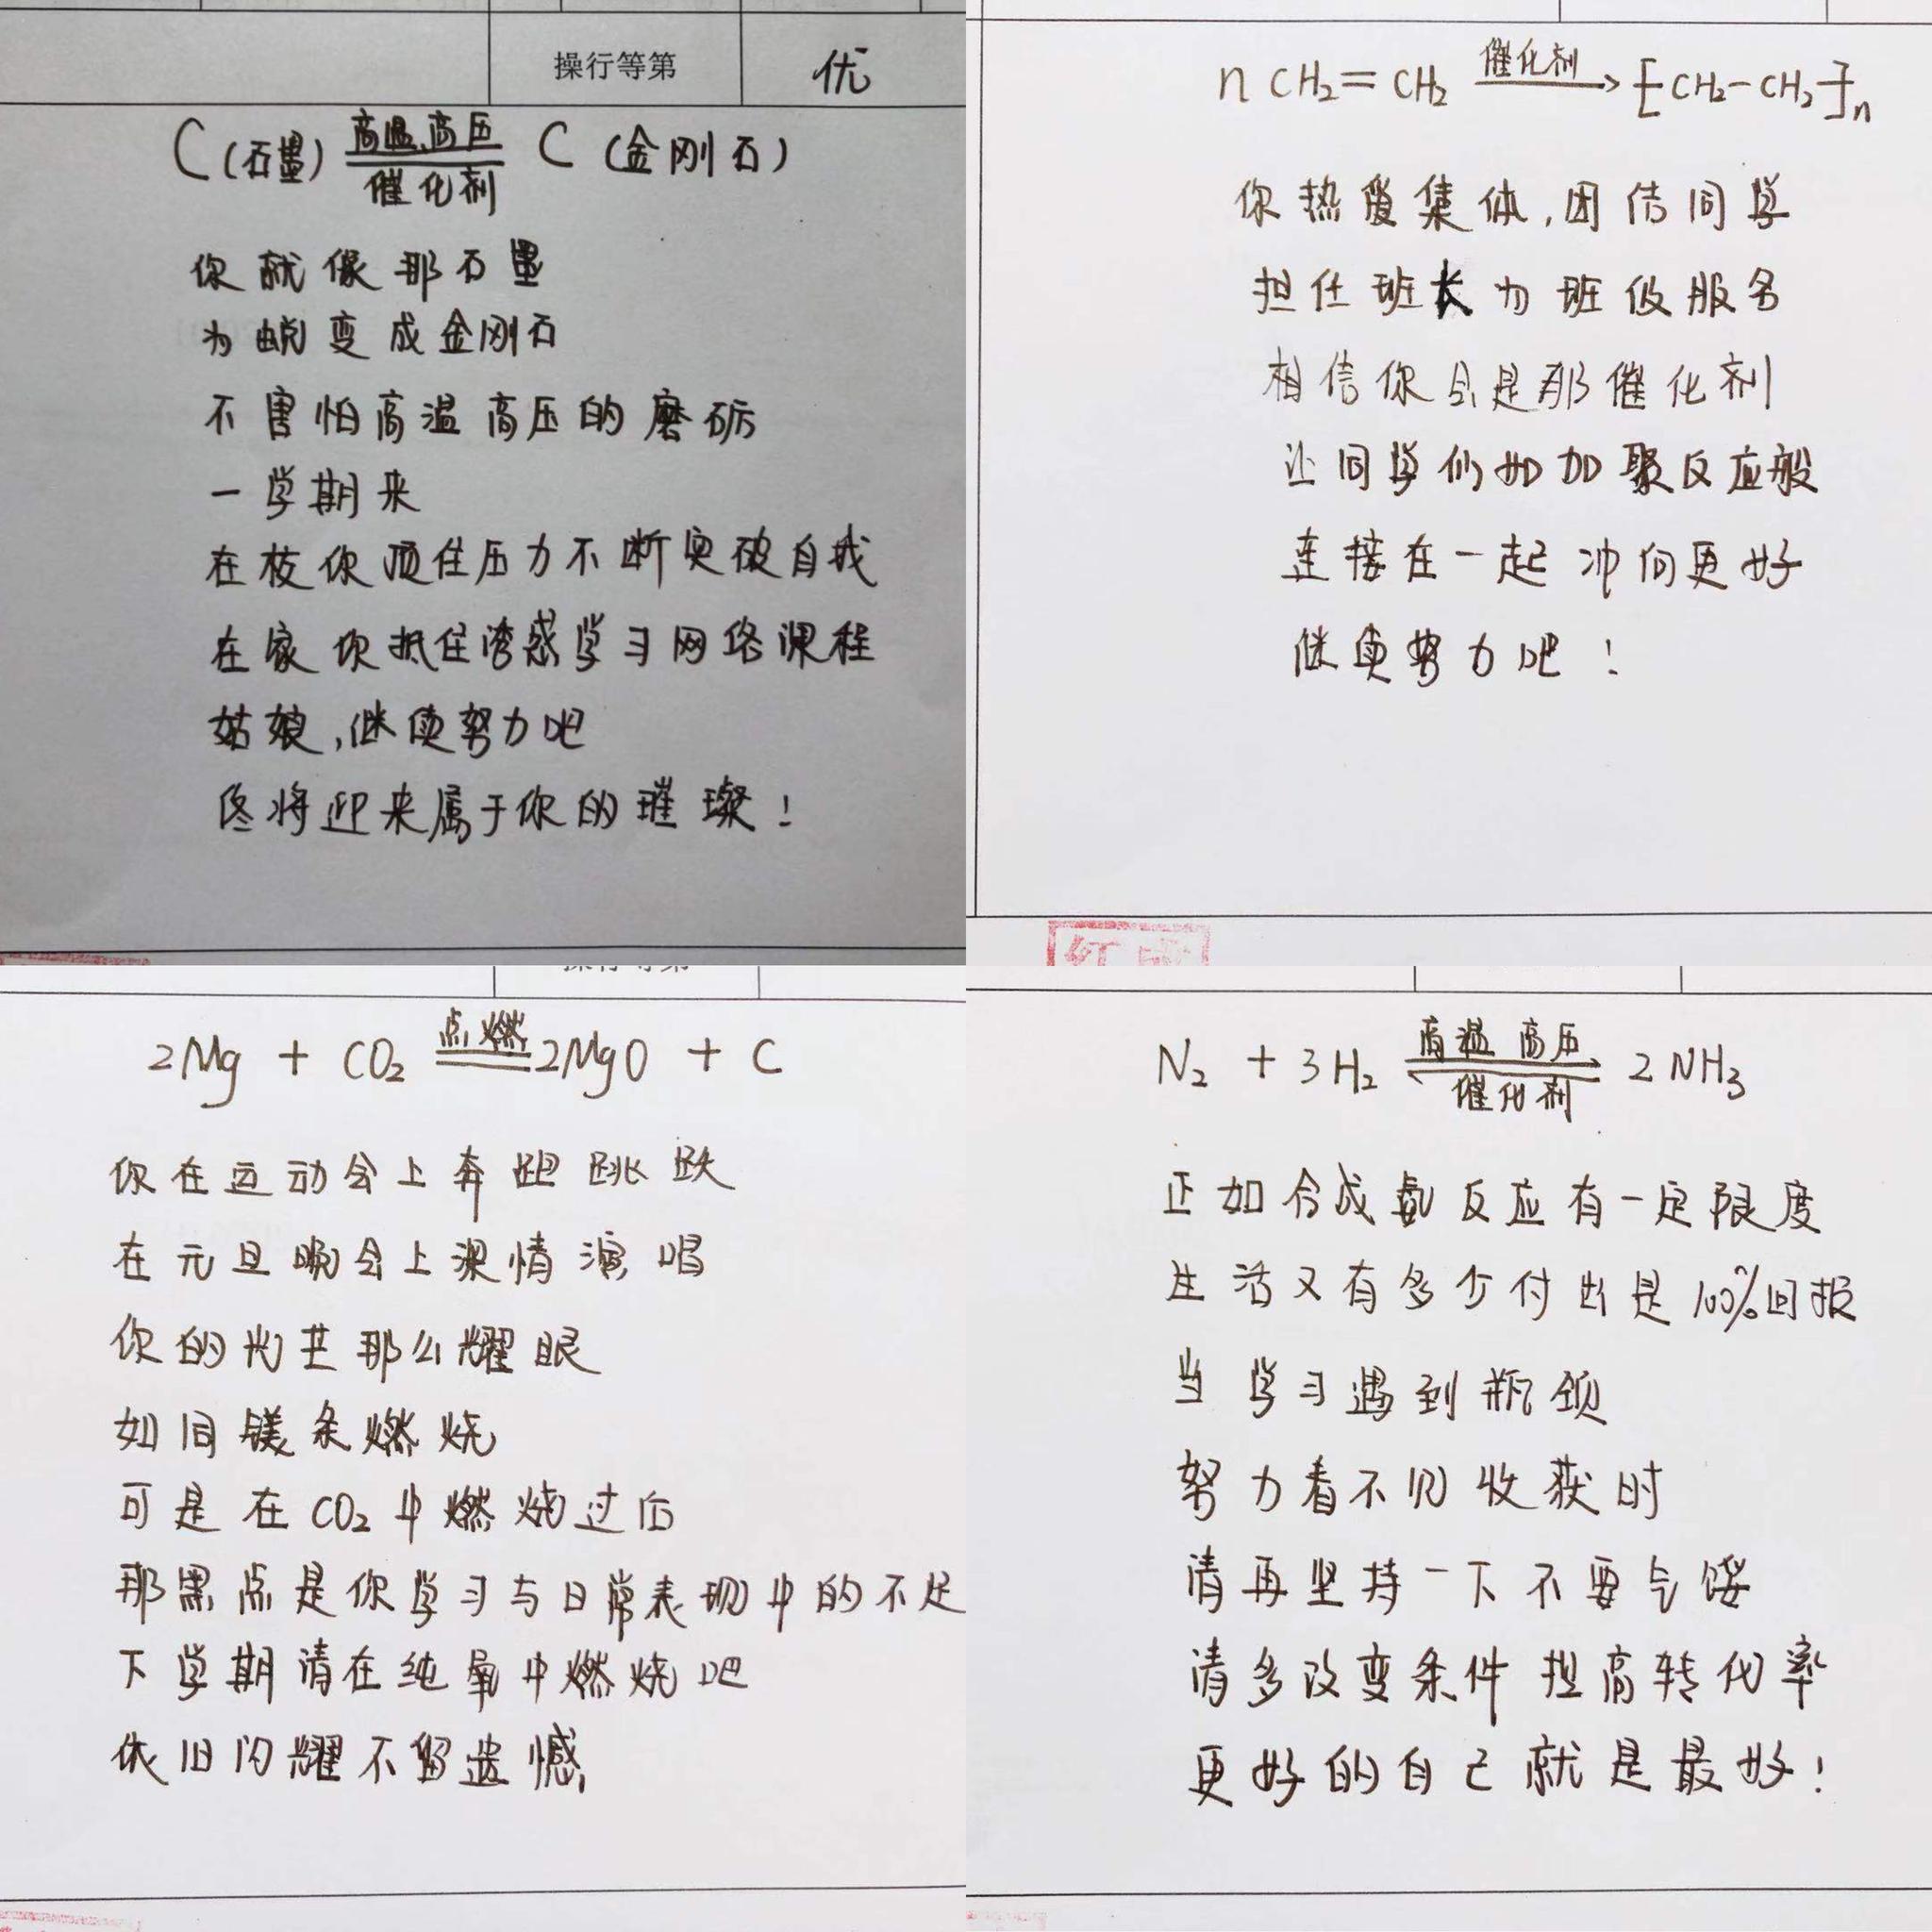 吕沆菲为学生们写下的评语。受访者供图